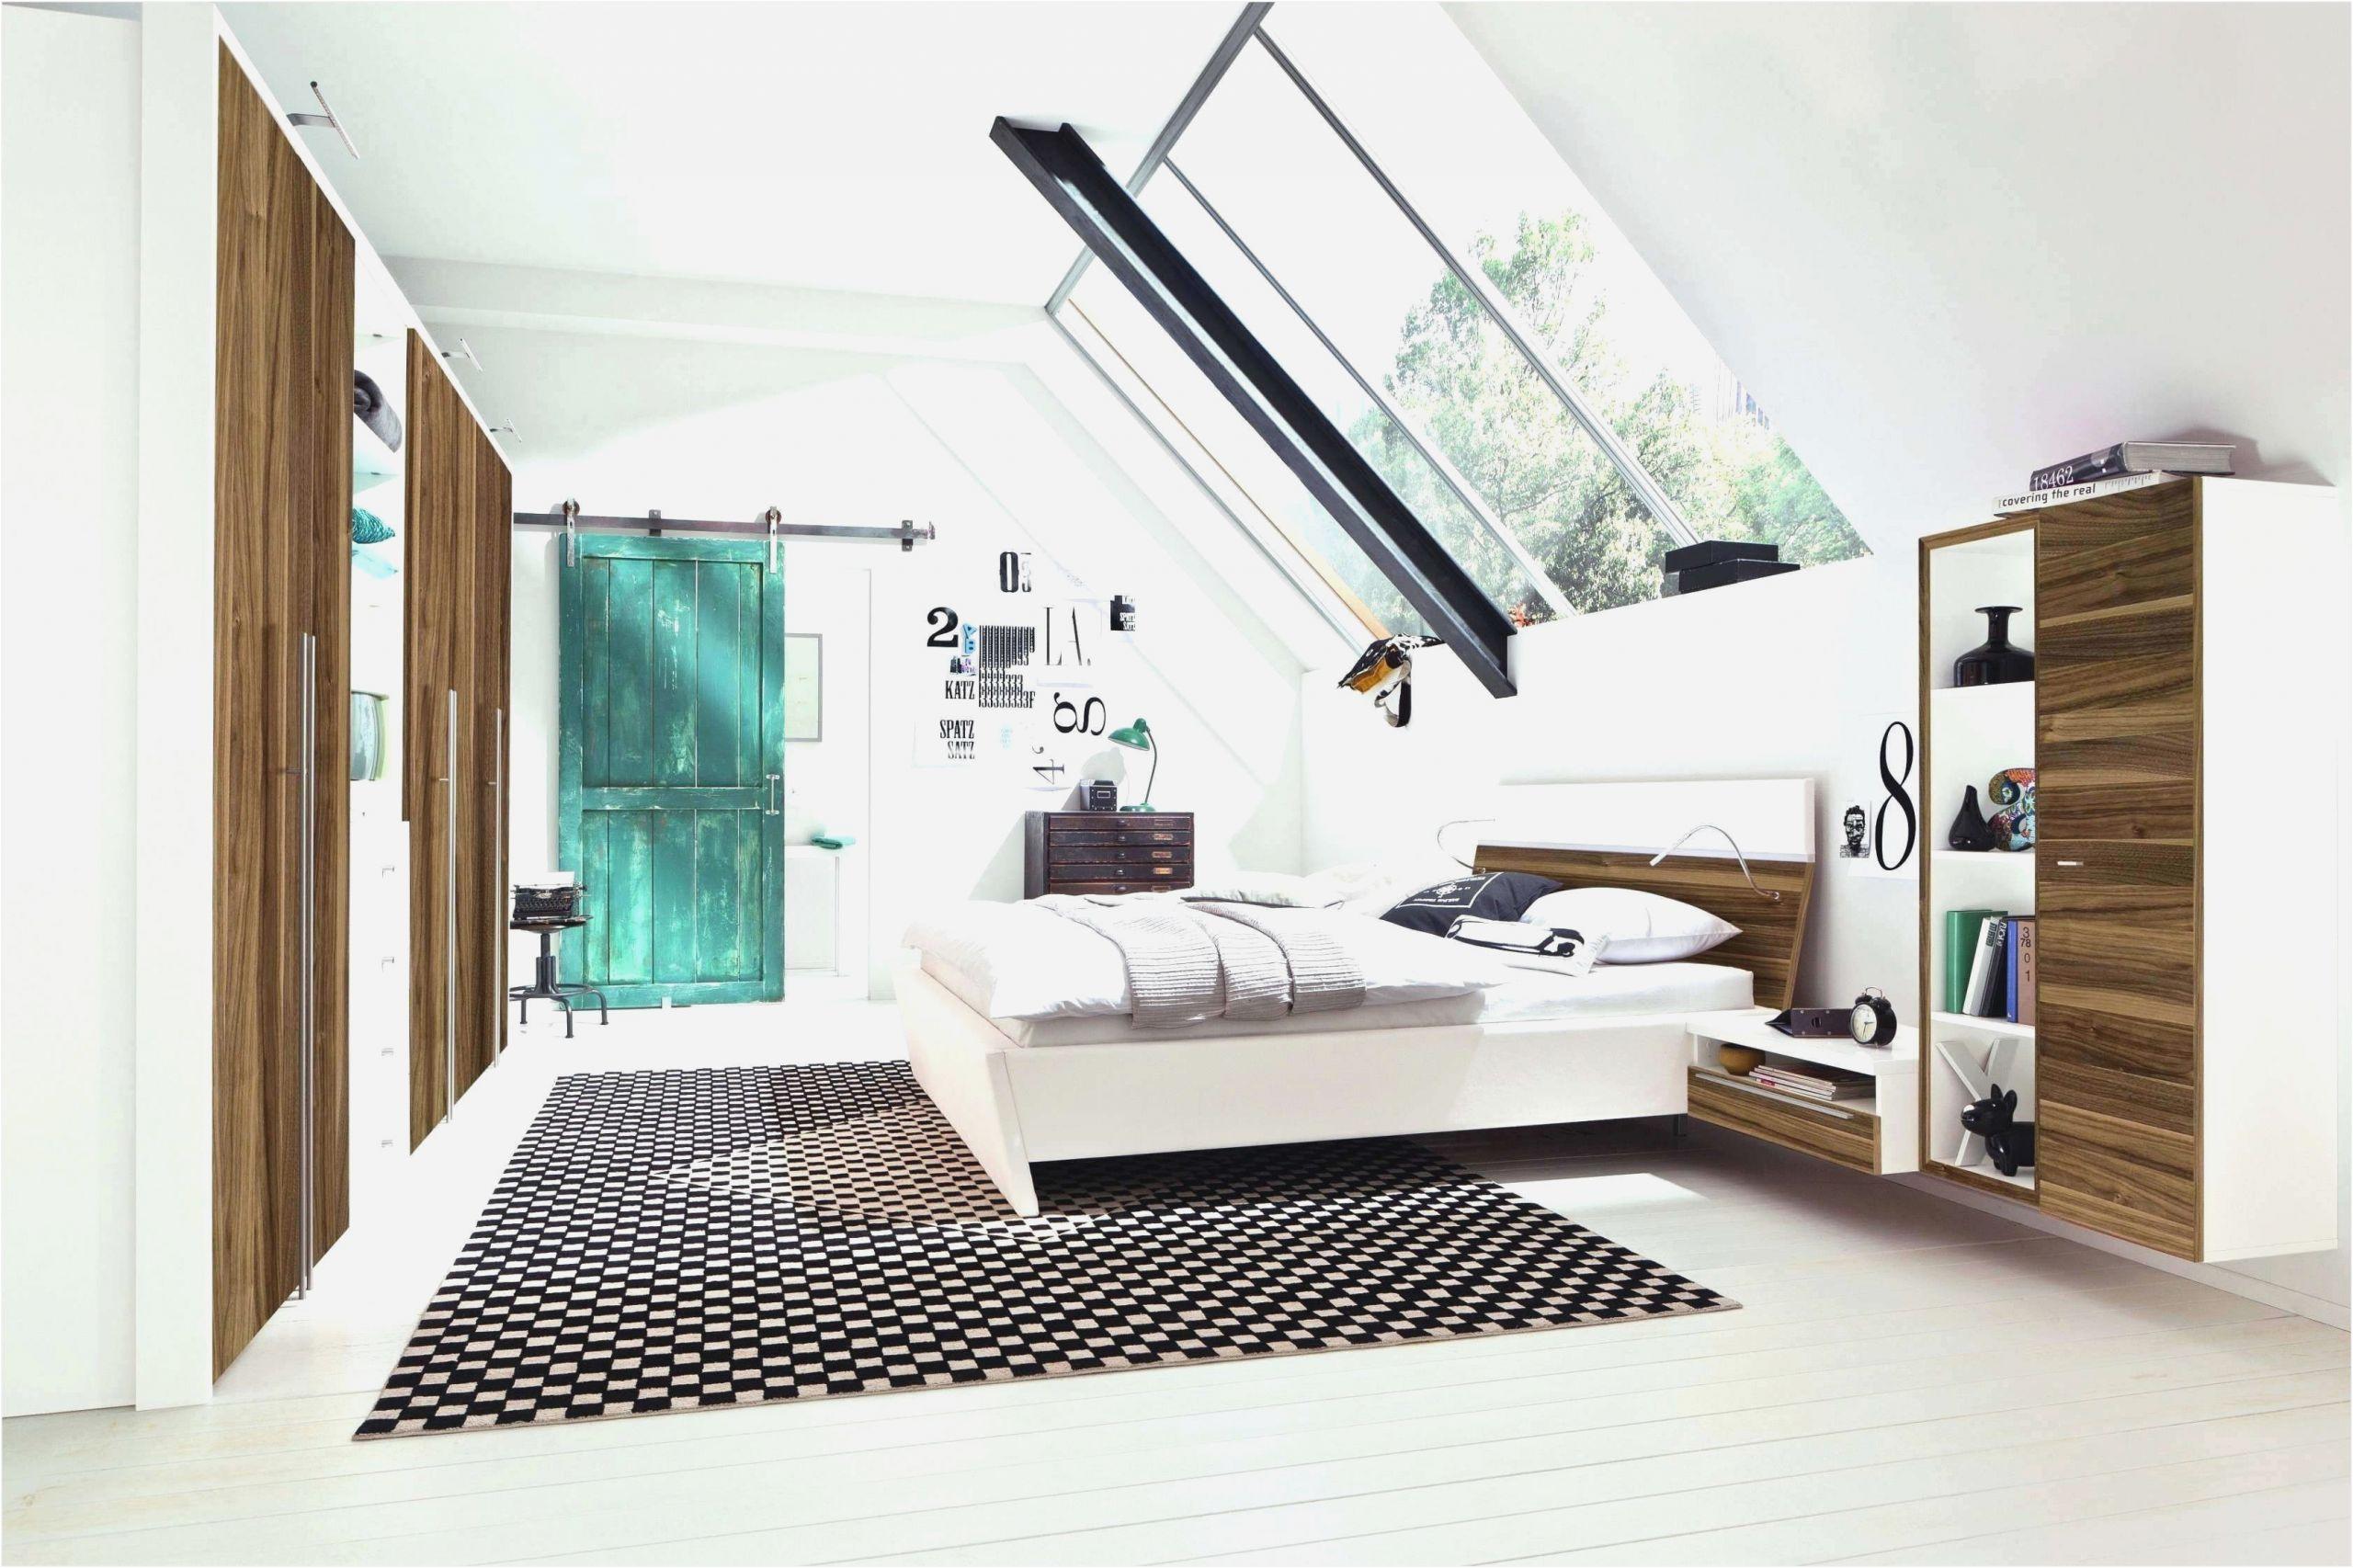 schlafzimmer gestalten deko of schlafzimmer gestalten deko scaled